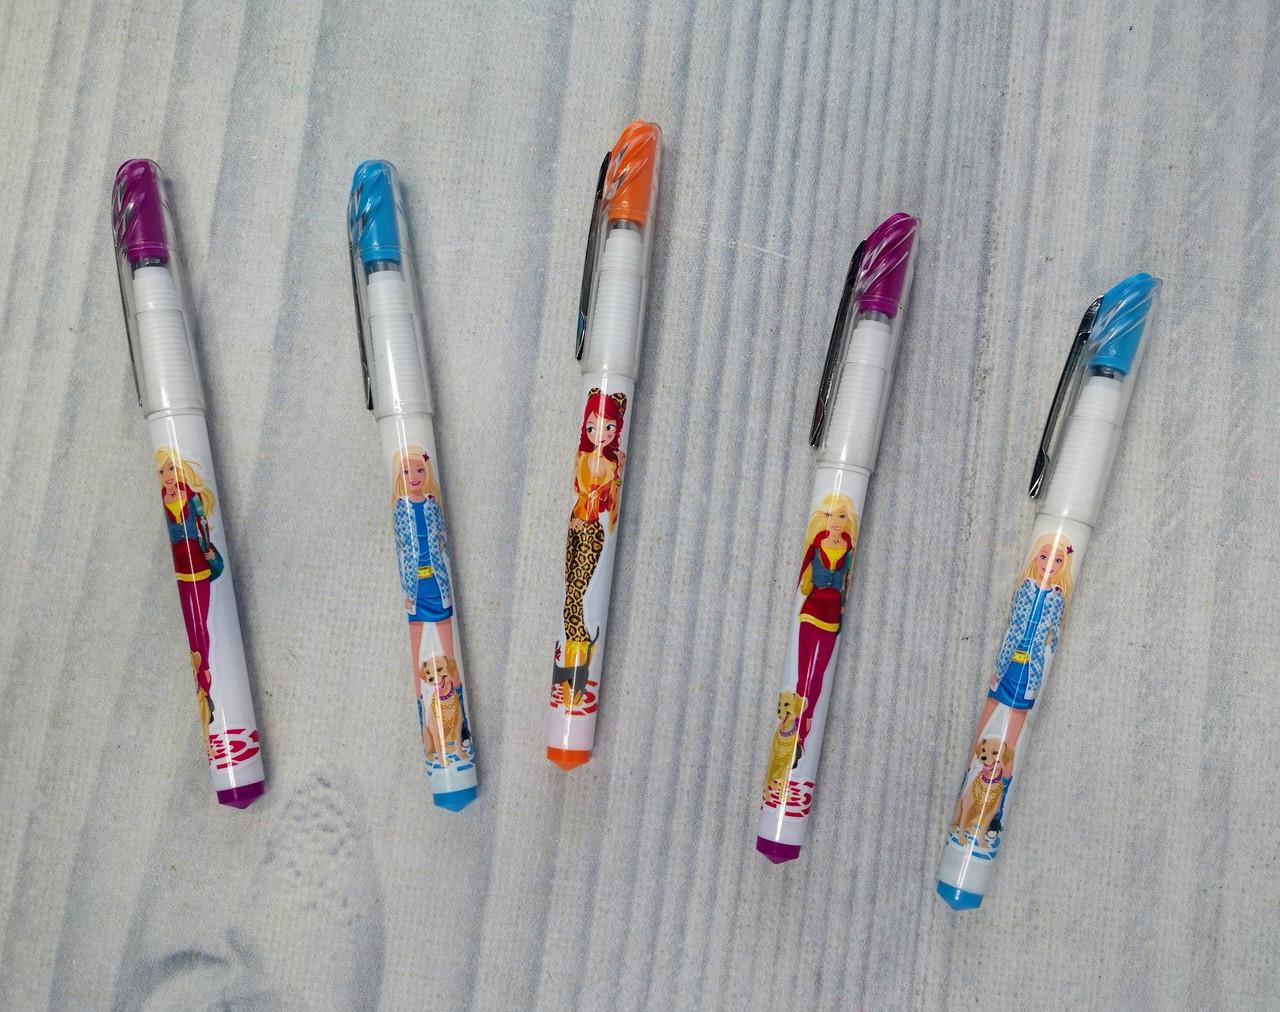 Ручка Чернильная С закрытым пером для девочек 340 6411Ф